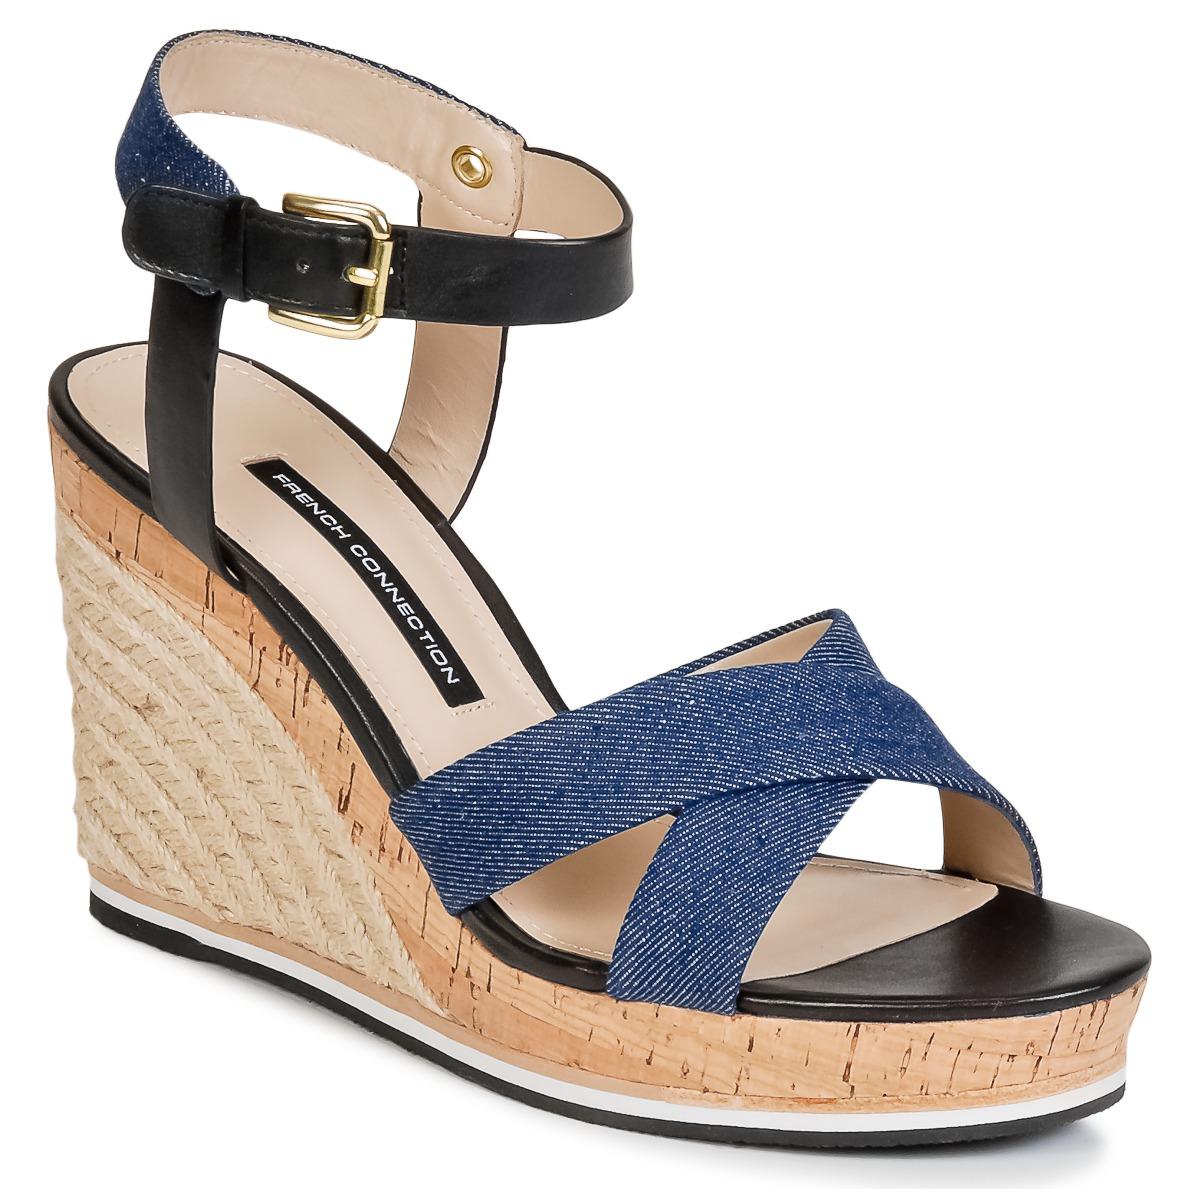 French Connection LATA Blau - Kostenloser Versand bei Spartoode ! - Schuhe Sandalen / Sandaletten Damen 47,60 €